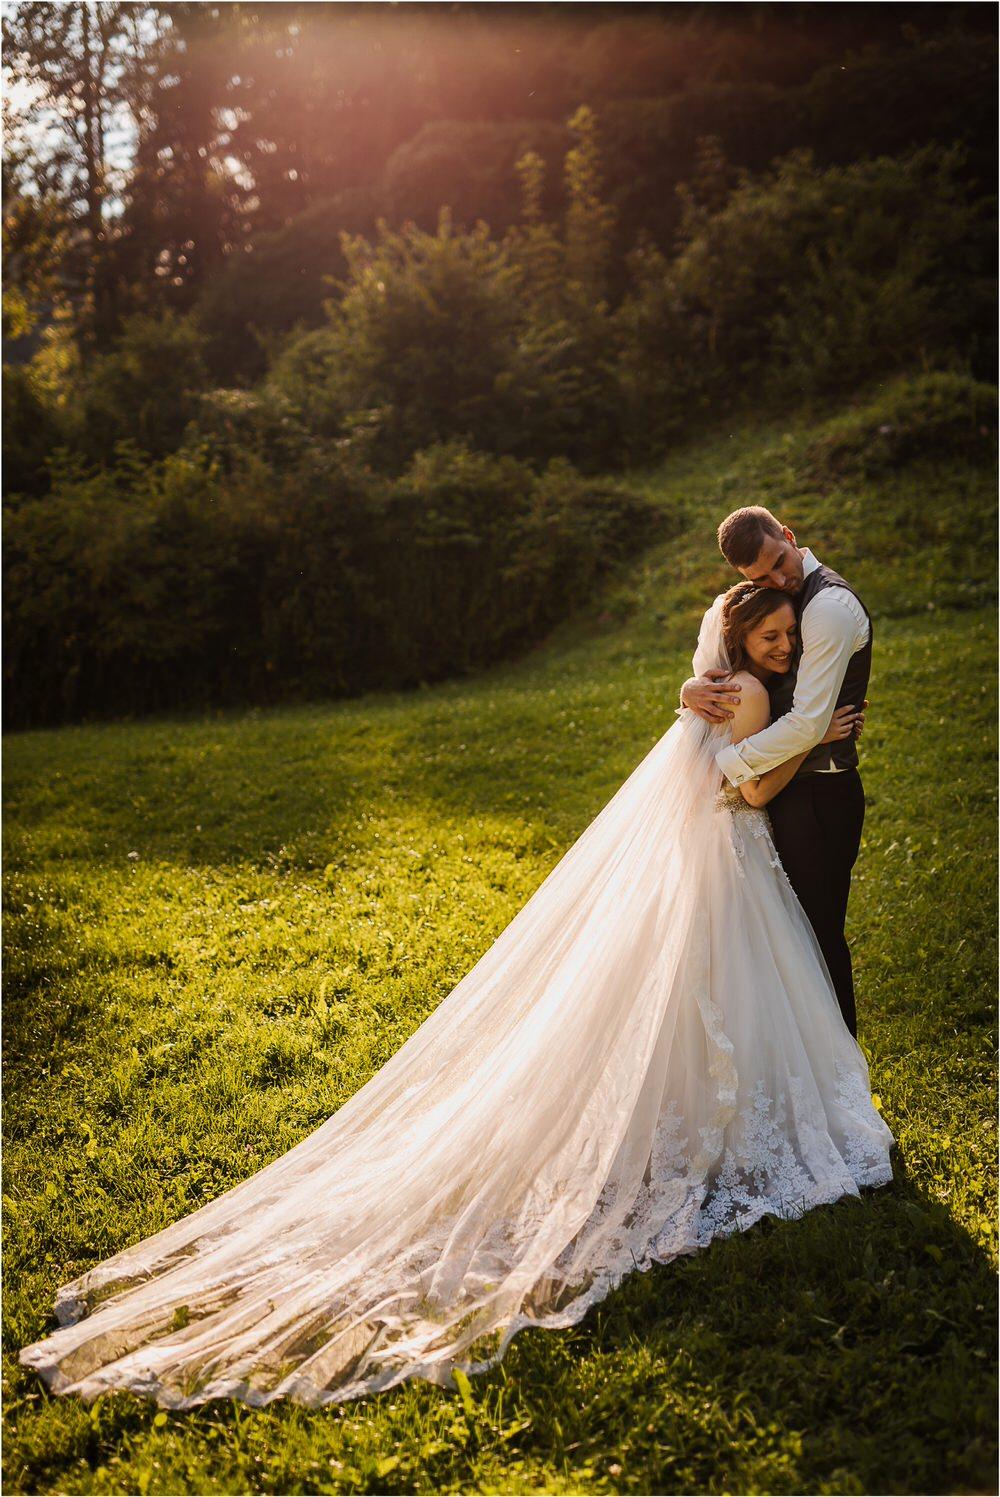 zicka kartuzija poroka porocni fotograf fotografija luka in ben loce elegantna poroka slovenski porocni fotograf  0084.jpg